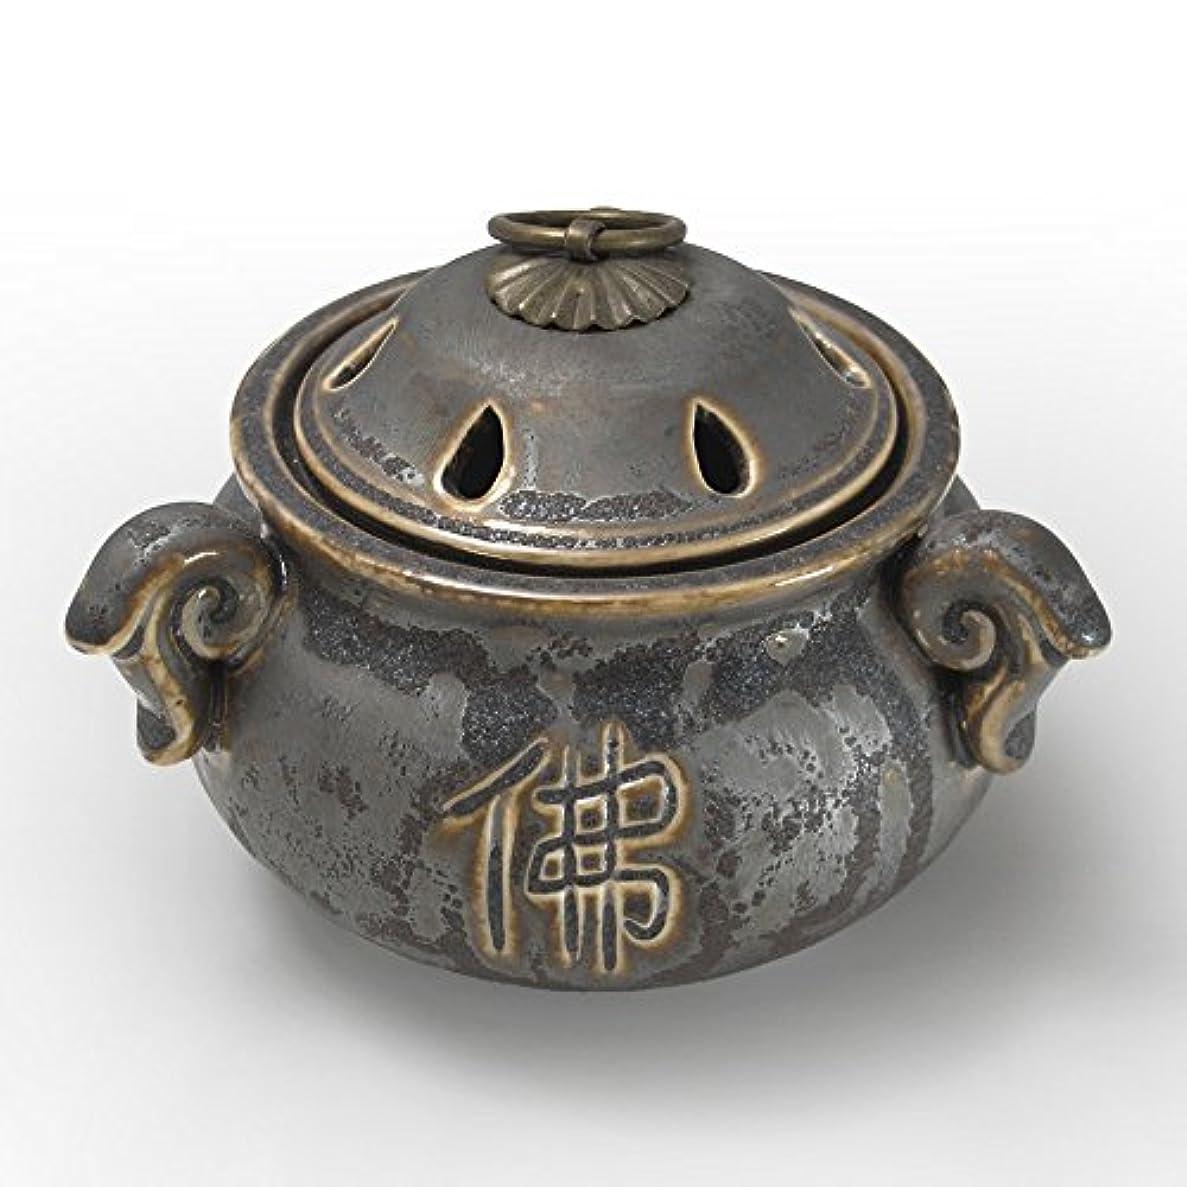 考古学者チャップ合体陶器香炉 アンティークデザイン